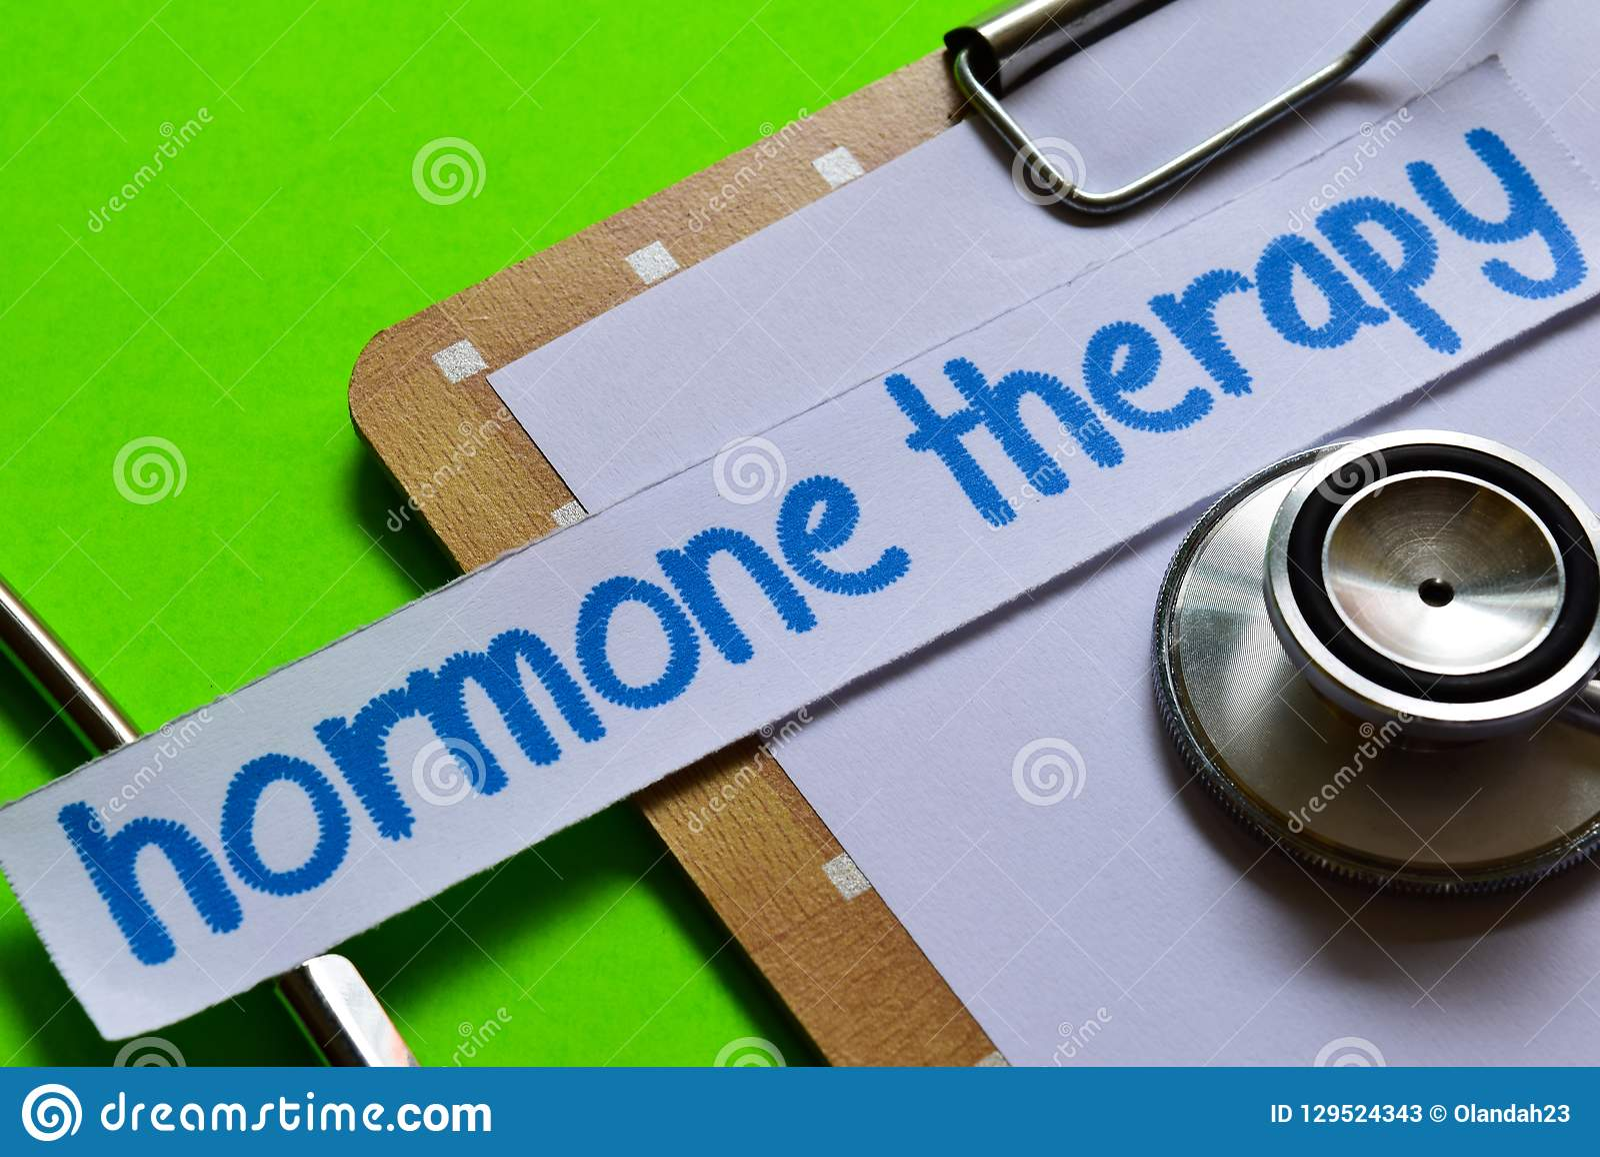 Terapia da hormona no conceito dos cuidados médicos com fundo verde